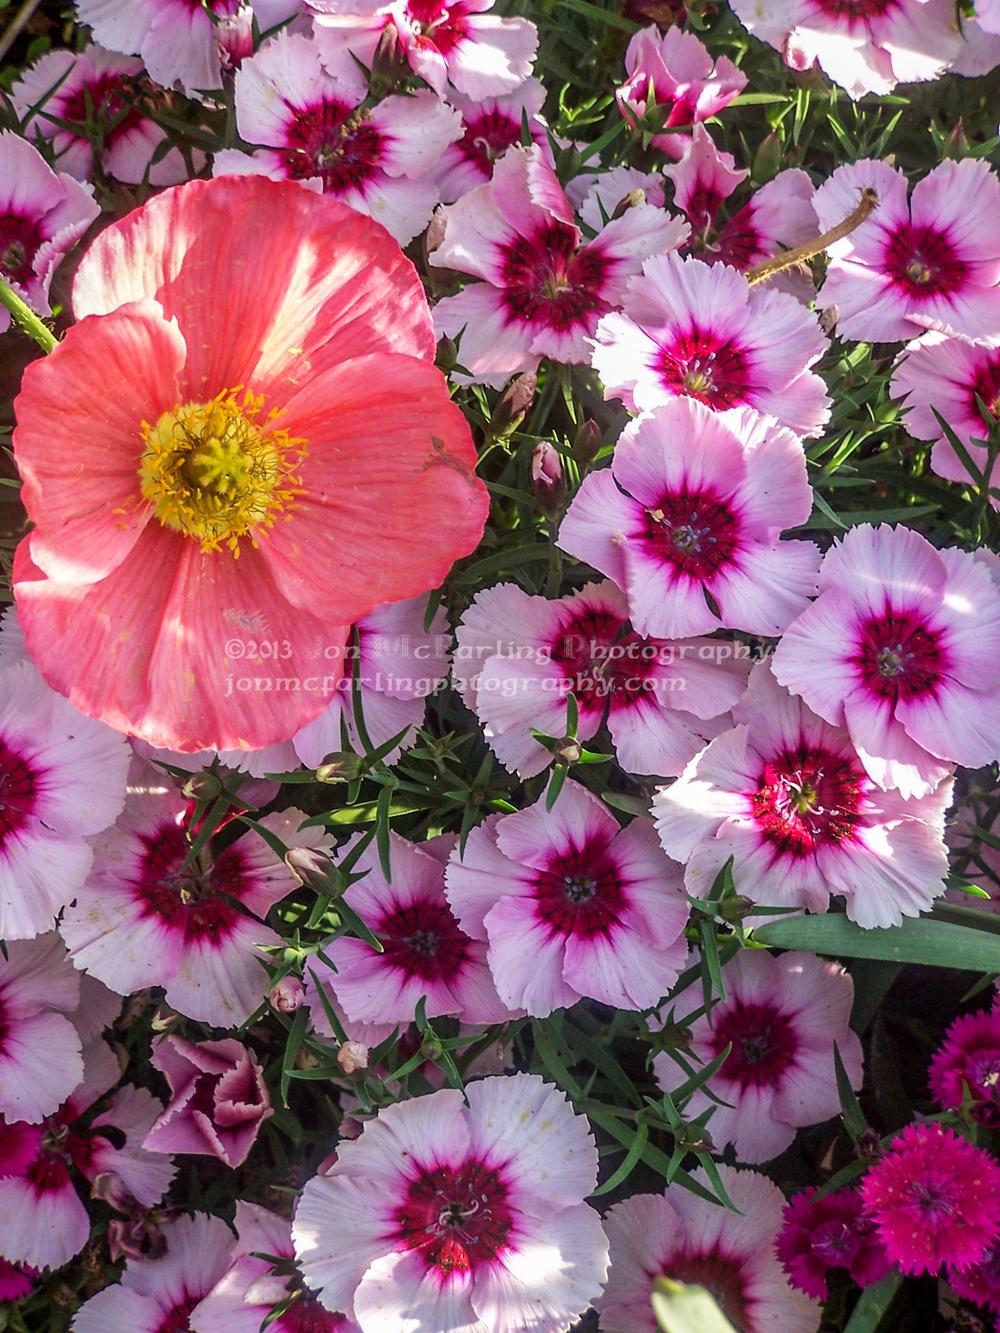 Flowers (1 of 12).jpg